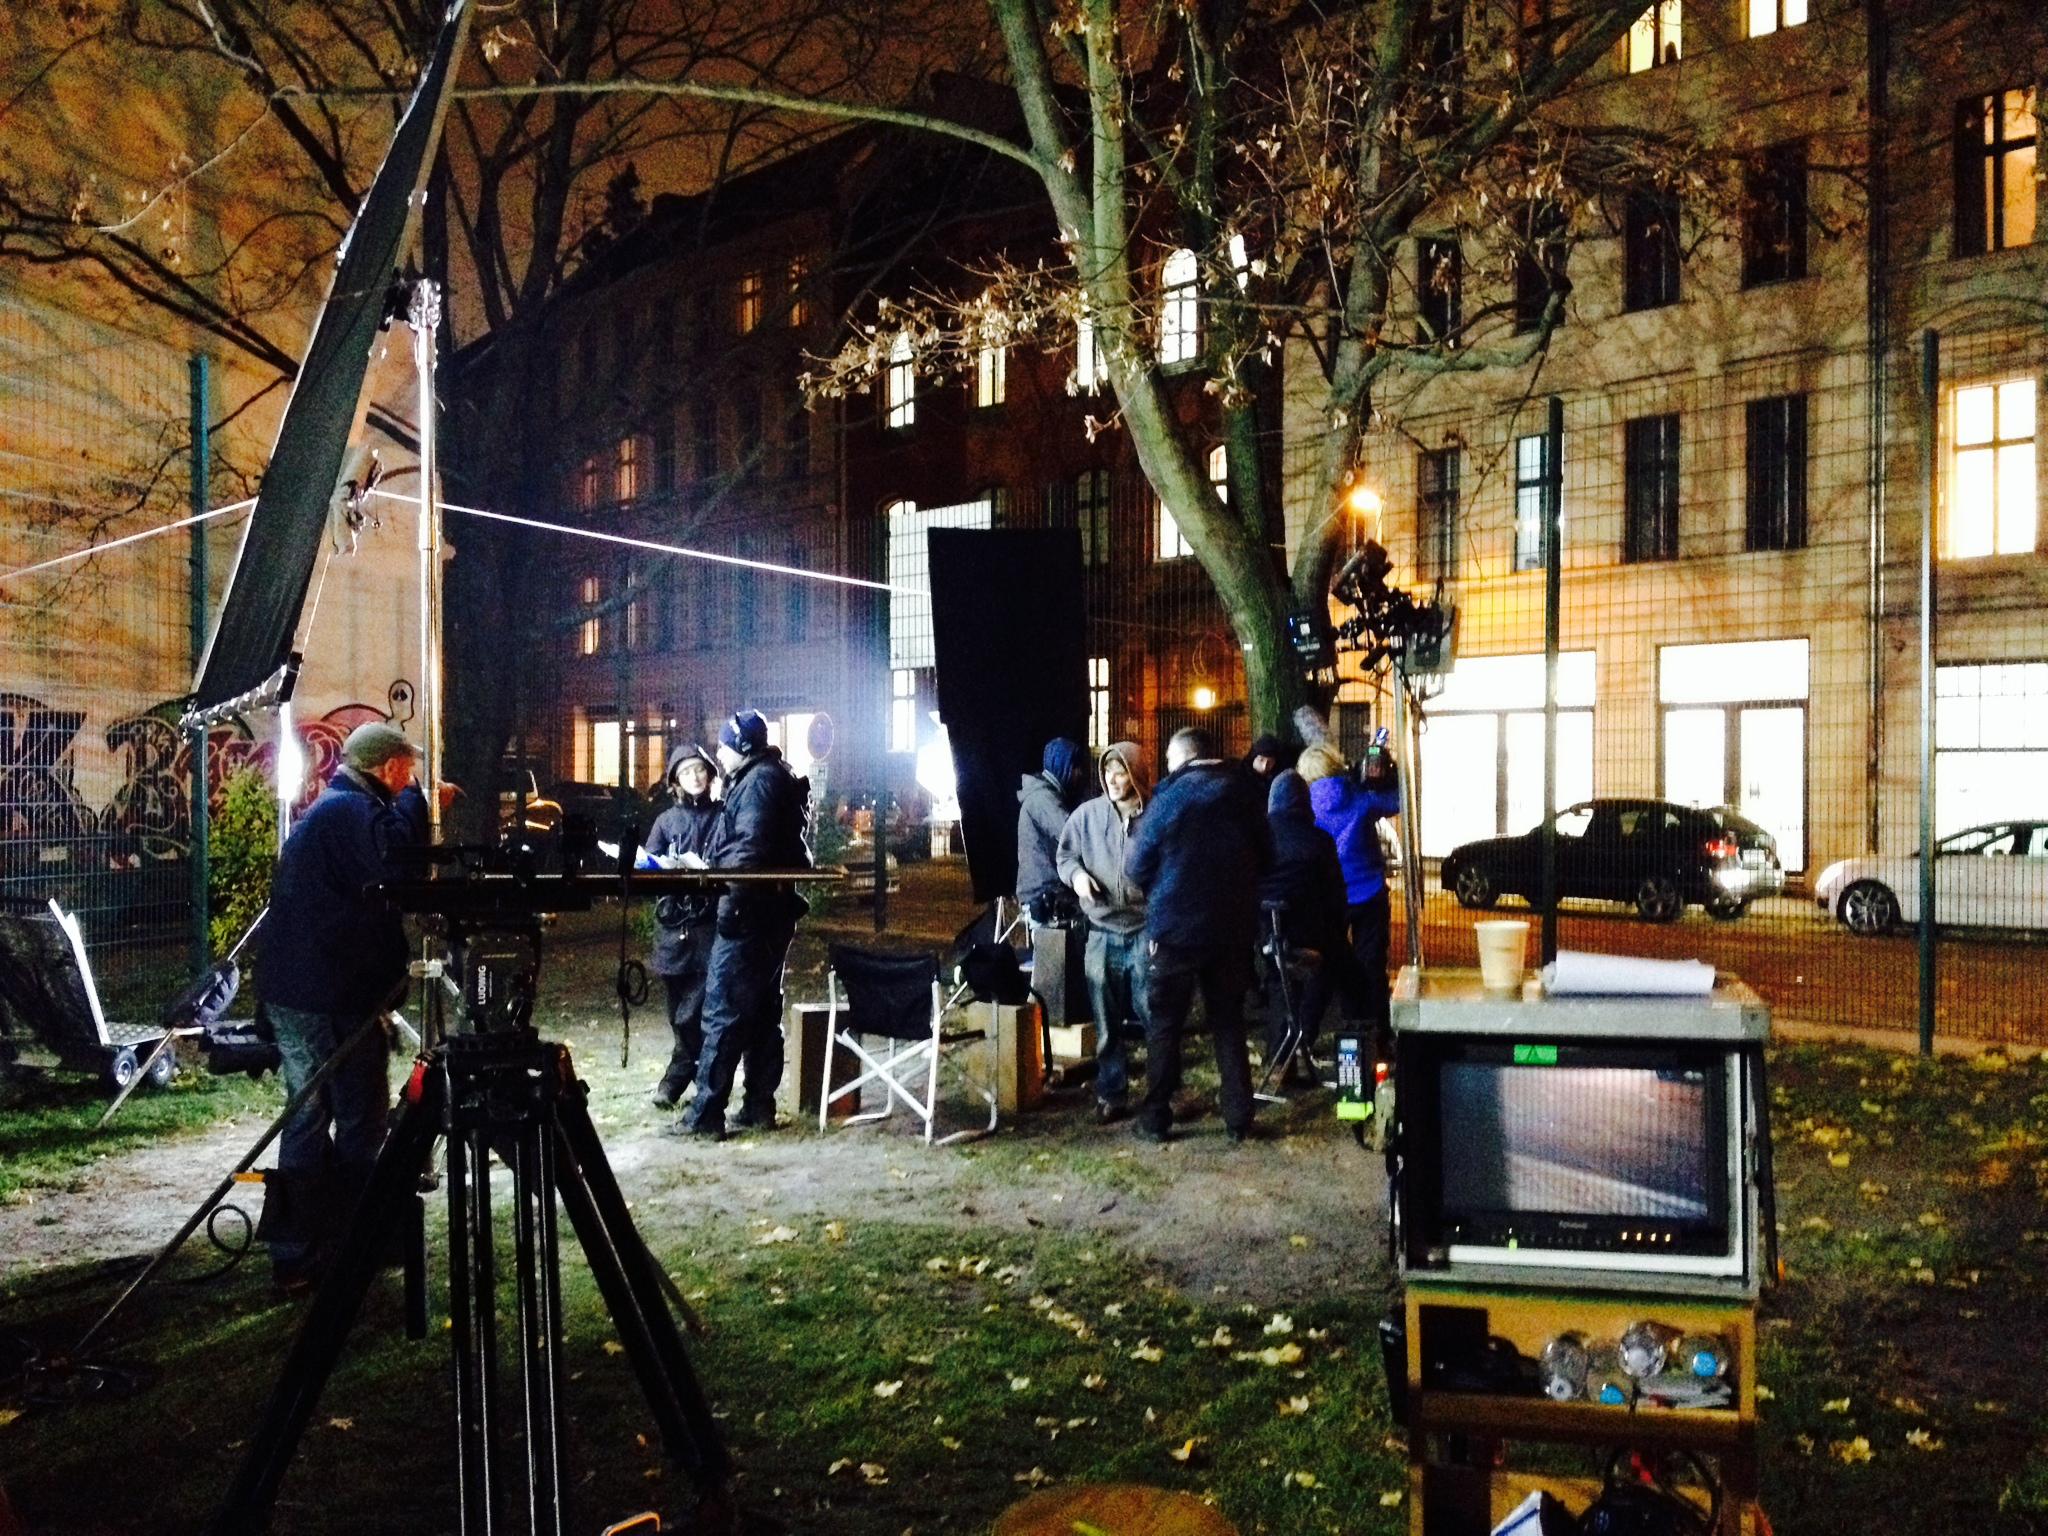 On set in Berlin